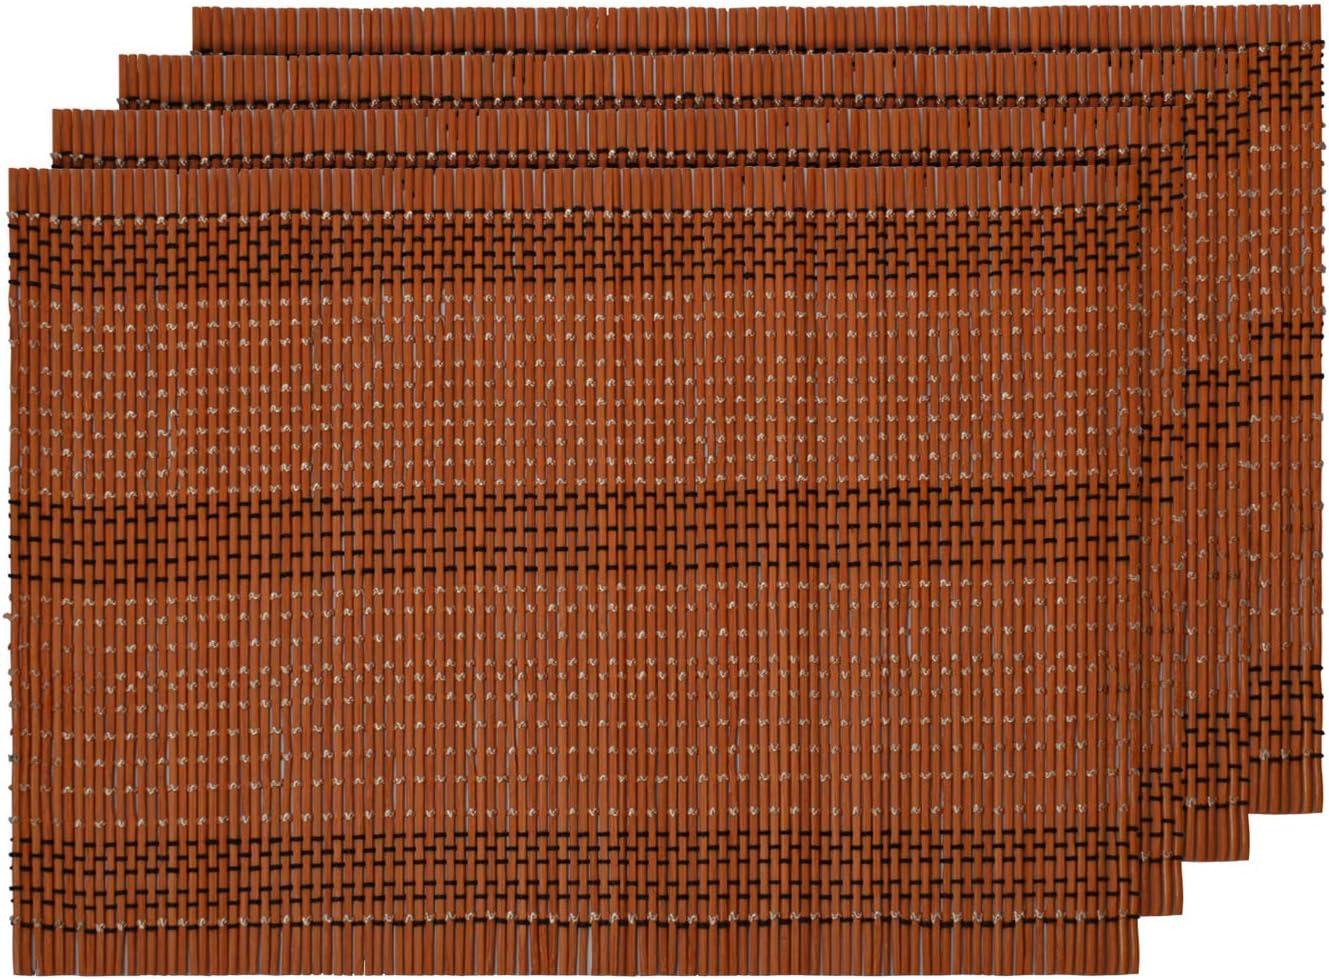 BTS-100 Alsino Set de Table 4 pi/èces en Bambou Marron 30 x 40 cm Rectangulaire Lavable Ecologique R/ésistant /à la Chaleur D/écoration Naturelle et Moderne Tapis